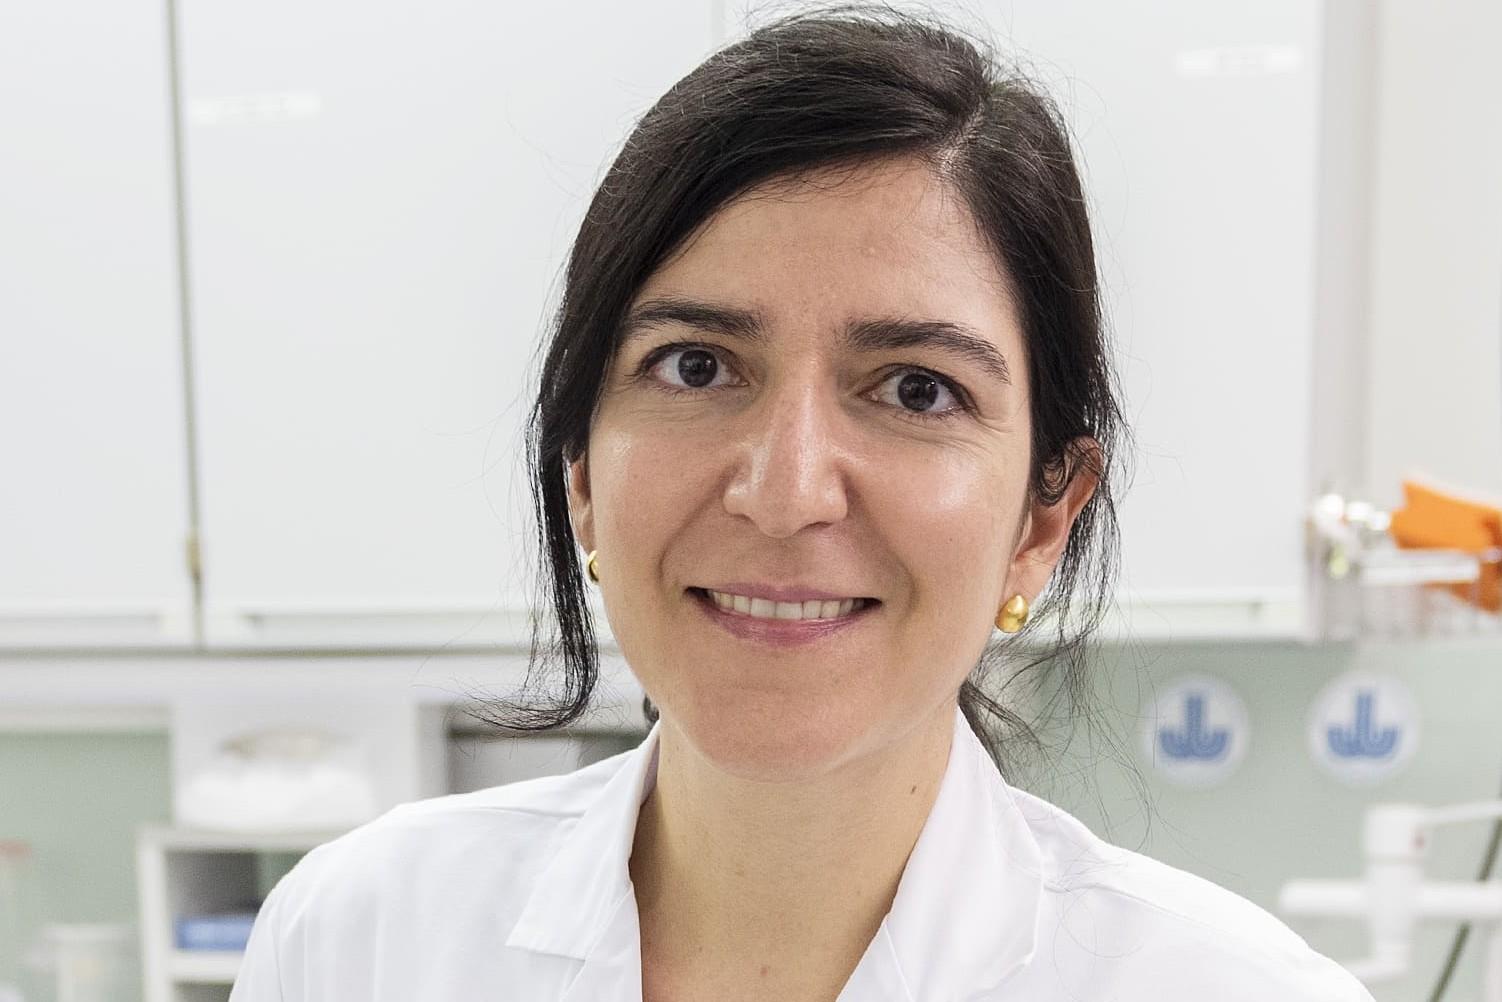 Eine Forscherin schaut durch ein Mikroskop